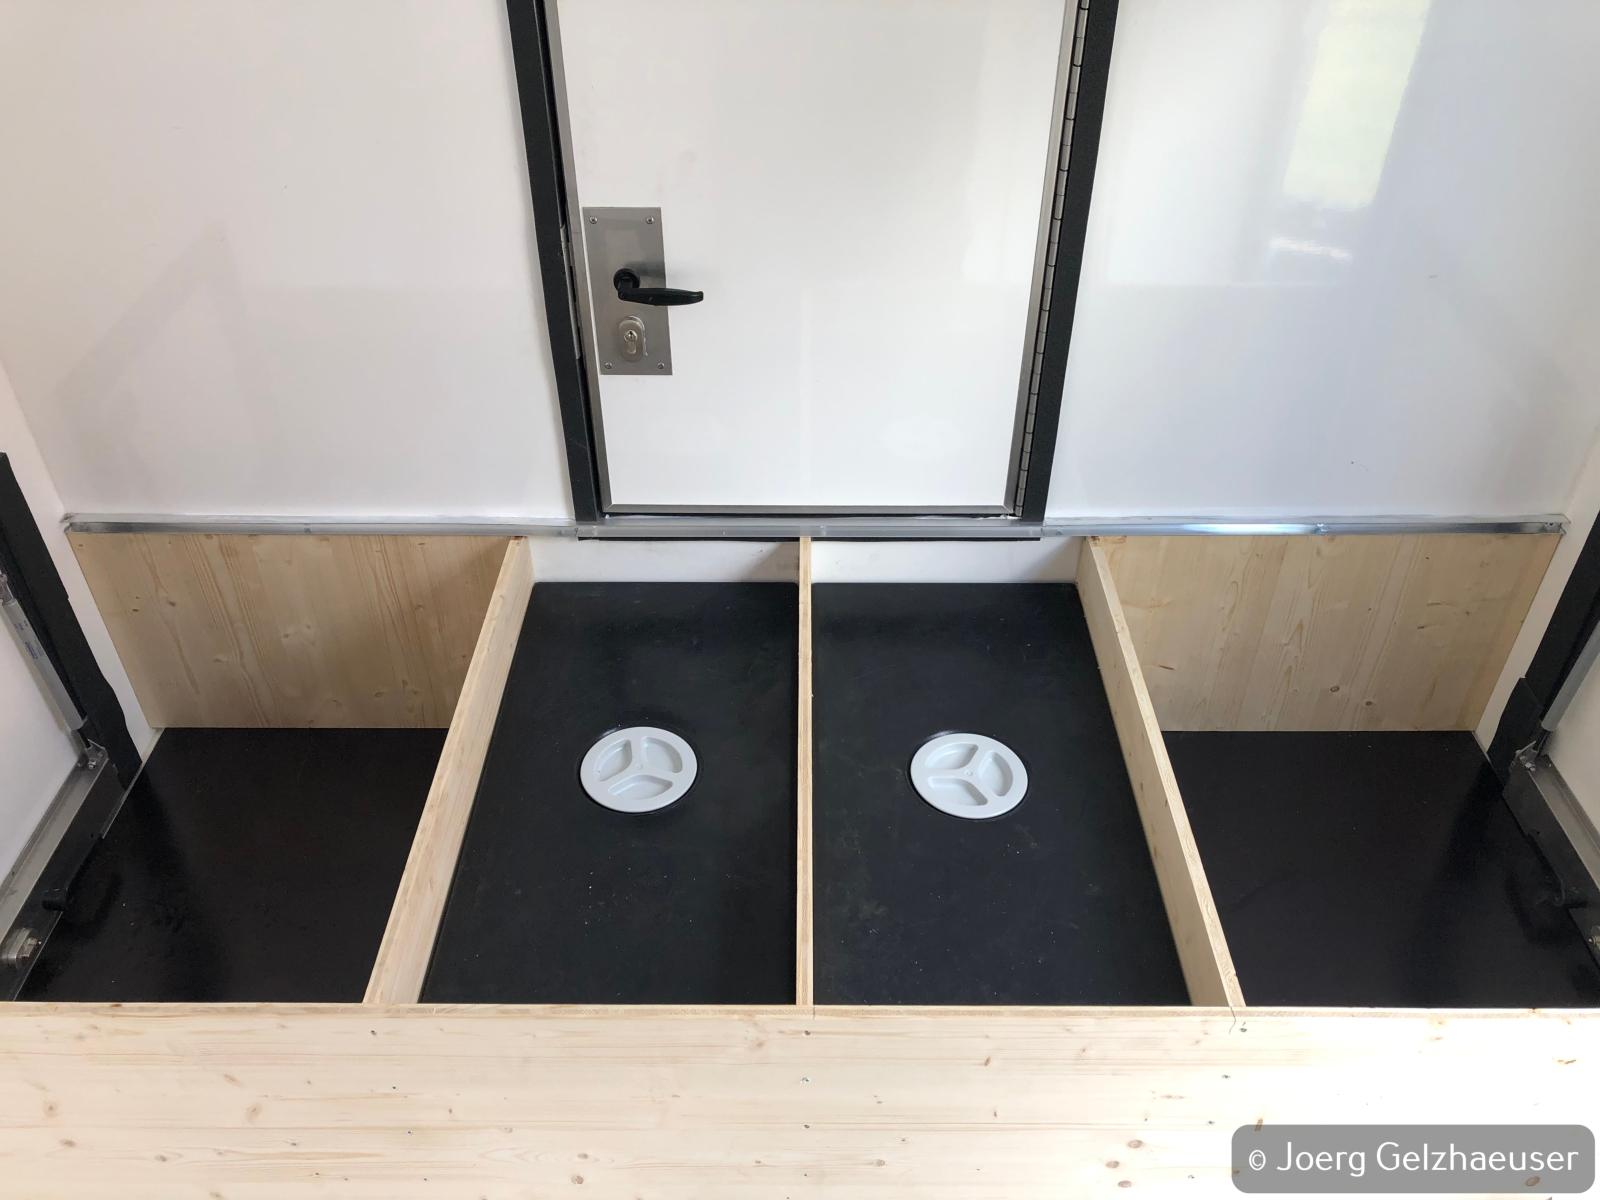 Unimog - Das universelle Motor-(Fernreise)-Gerät - Wassertanks vorne mittig angeordnet unter der Sitzgruppe/Bett.